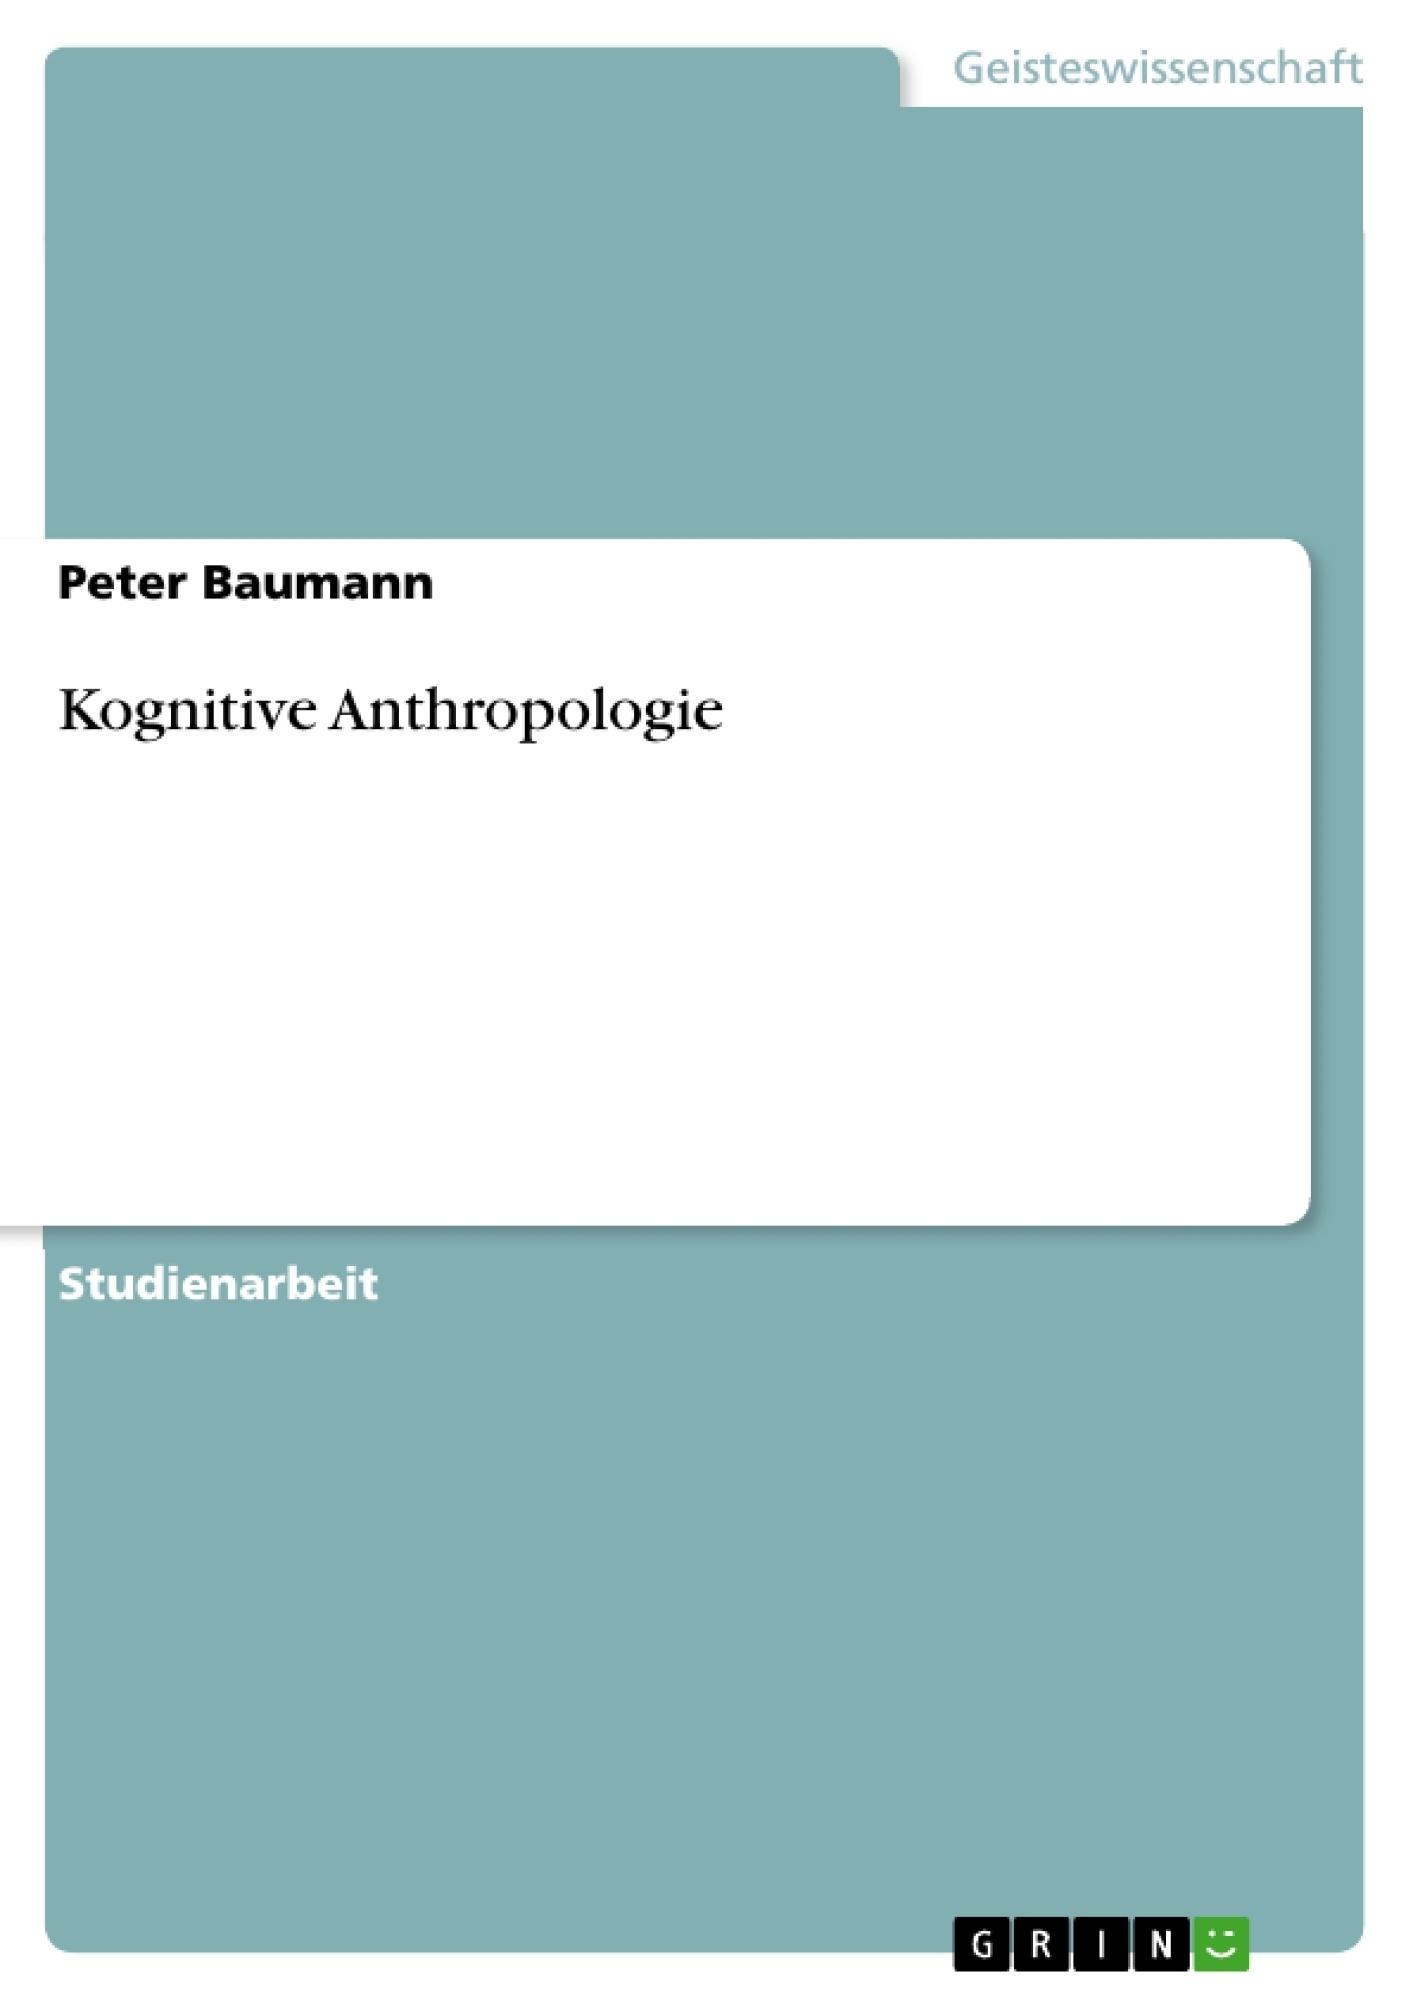 Titel: Kognitive Anthropologie